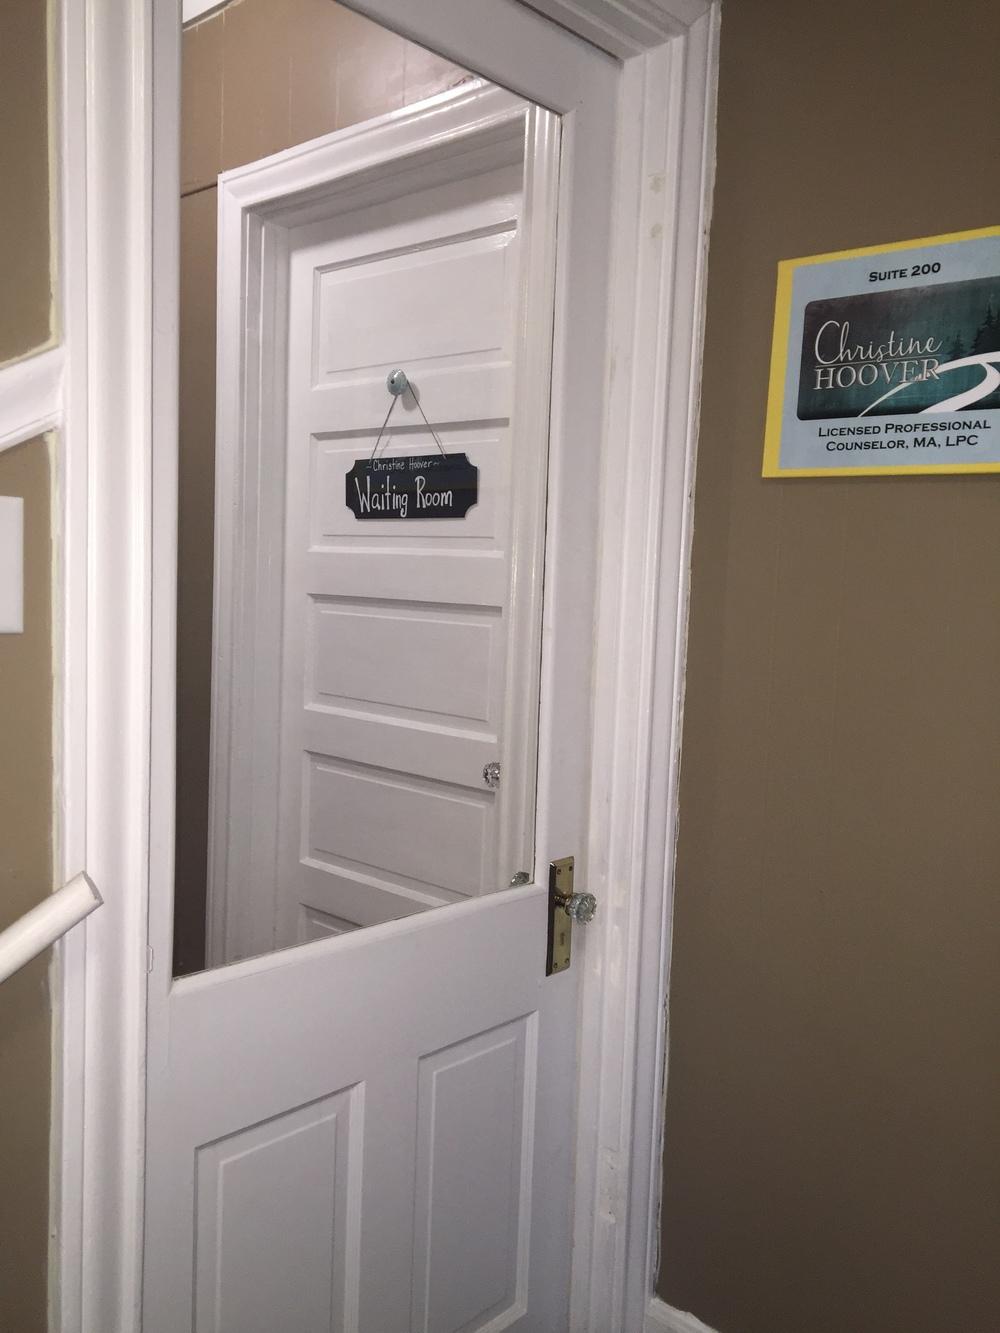 Suite 200